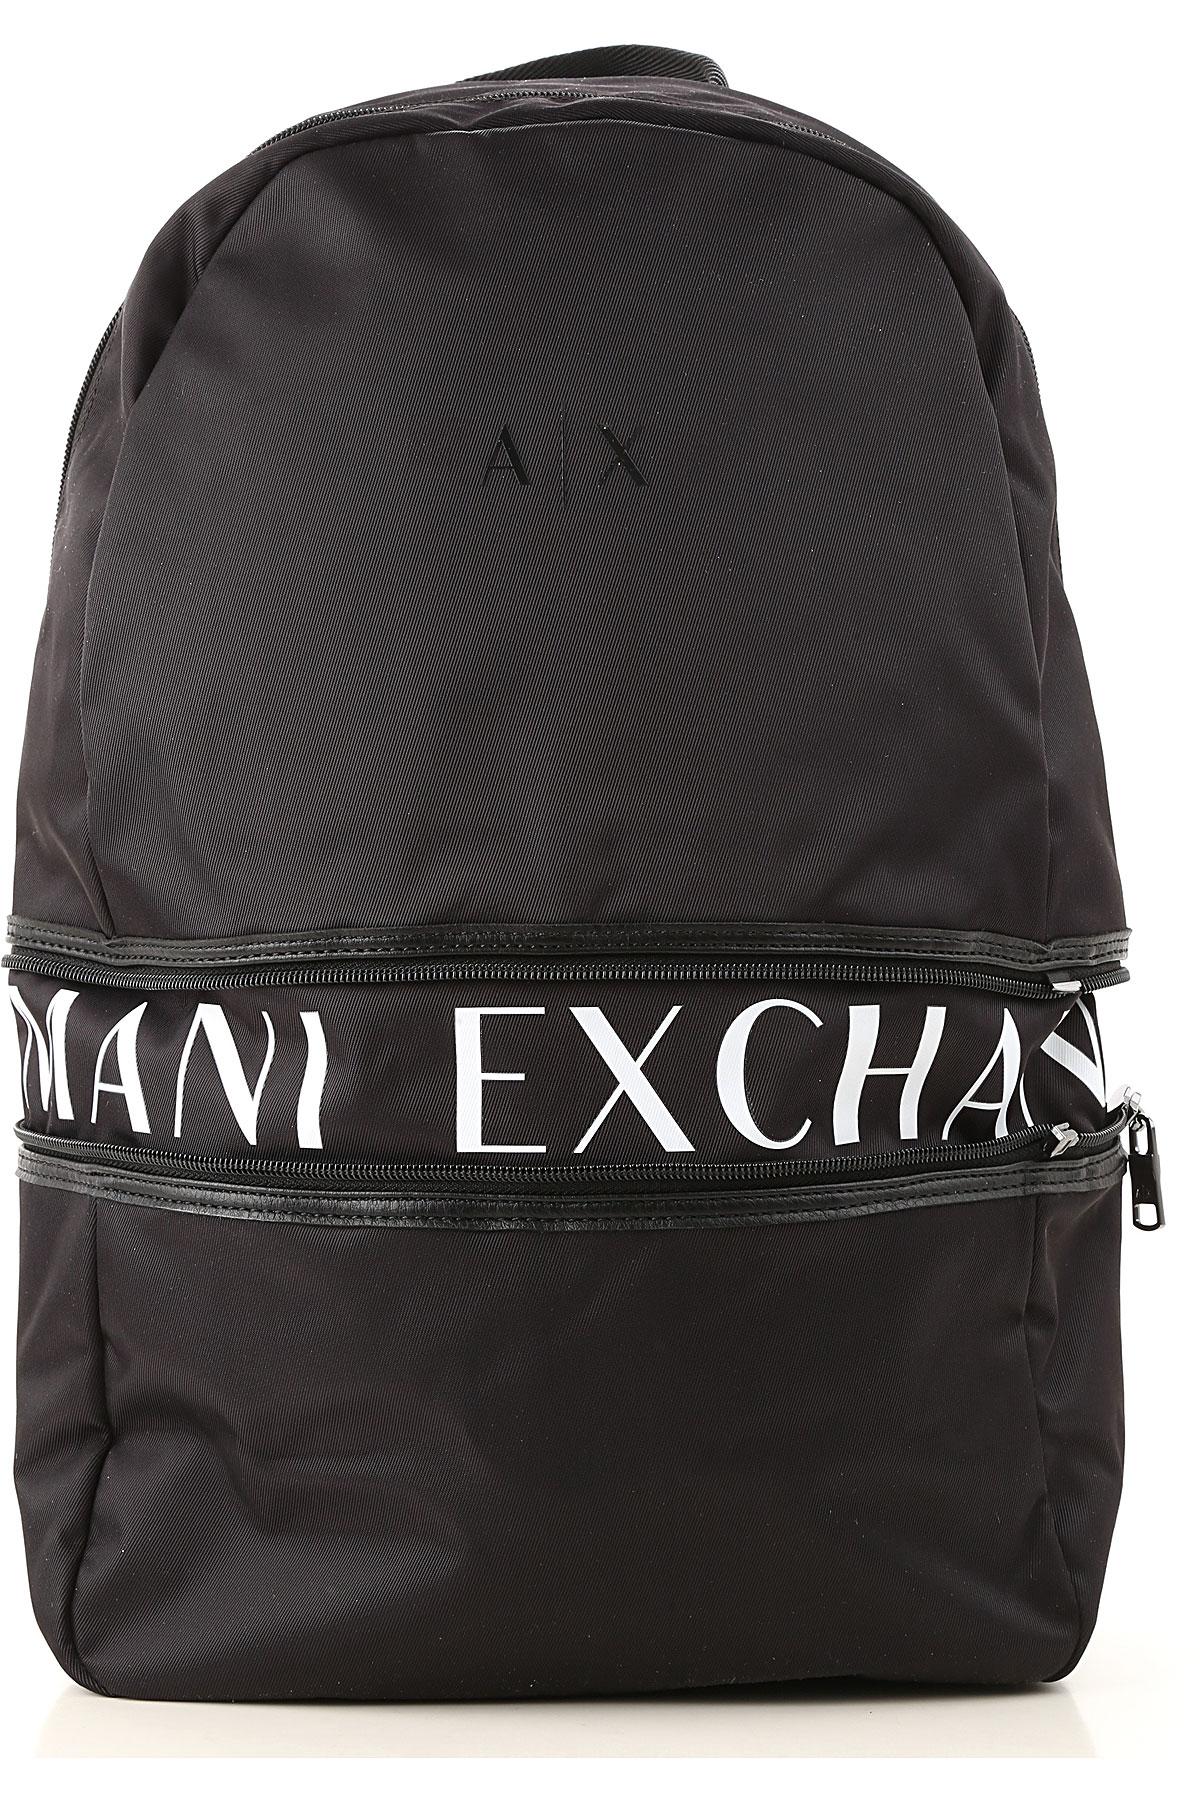 Armani Exchange Backpack for Men On Sale, Black, polyamide, 2019